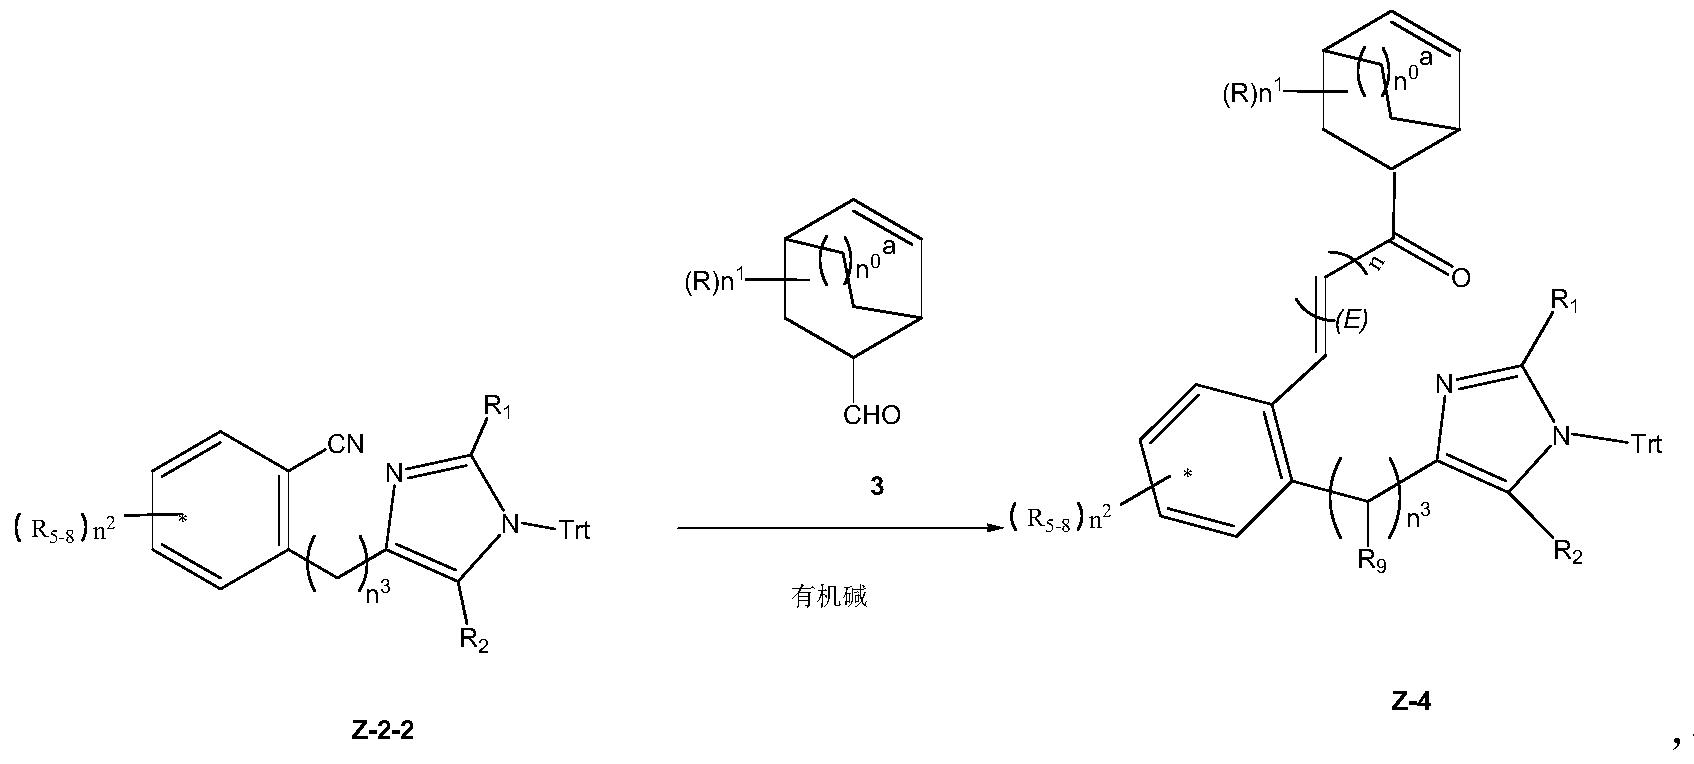 Figure PCTCN2017084604-appb-100032